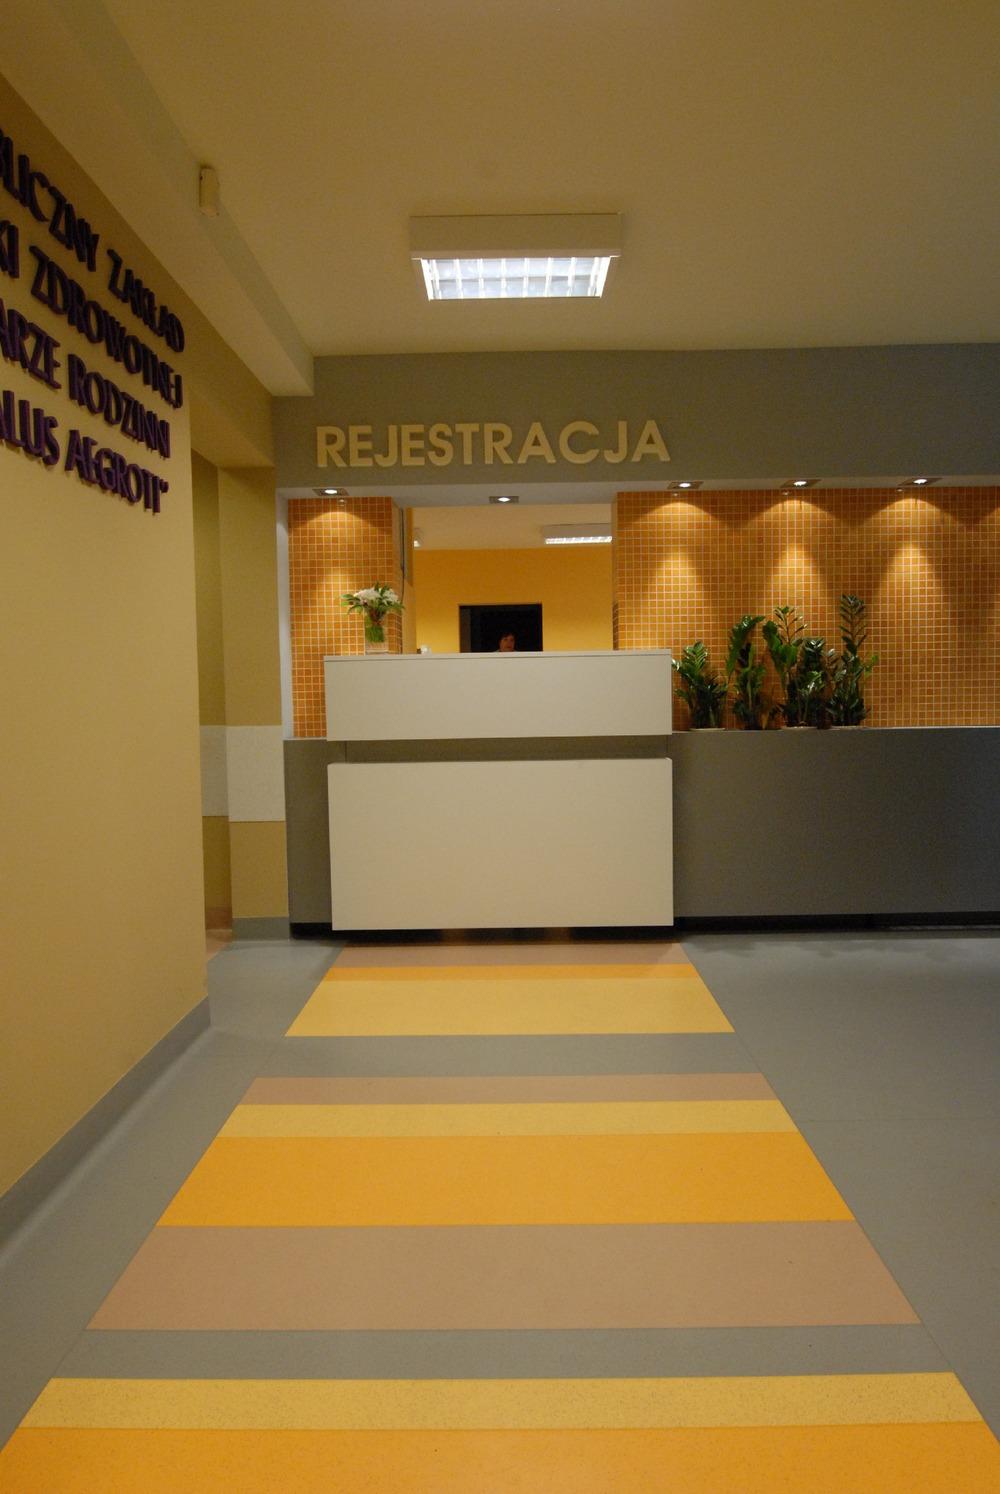 Projekt rejestracji w przychodni